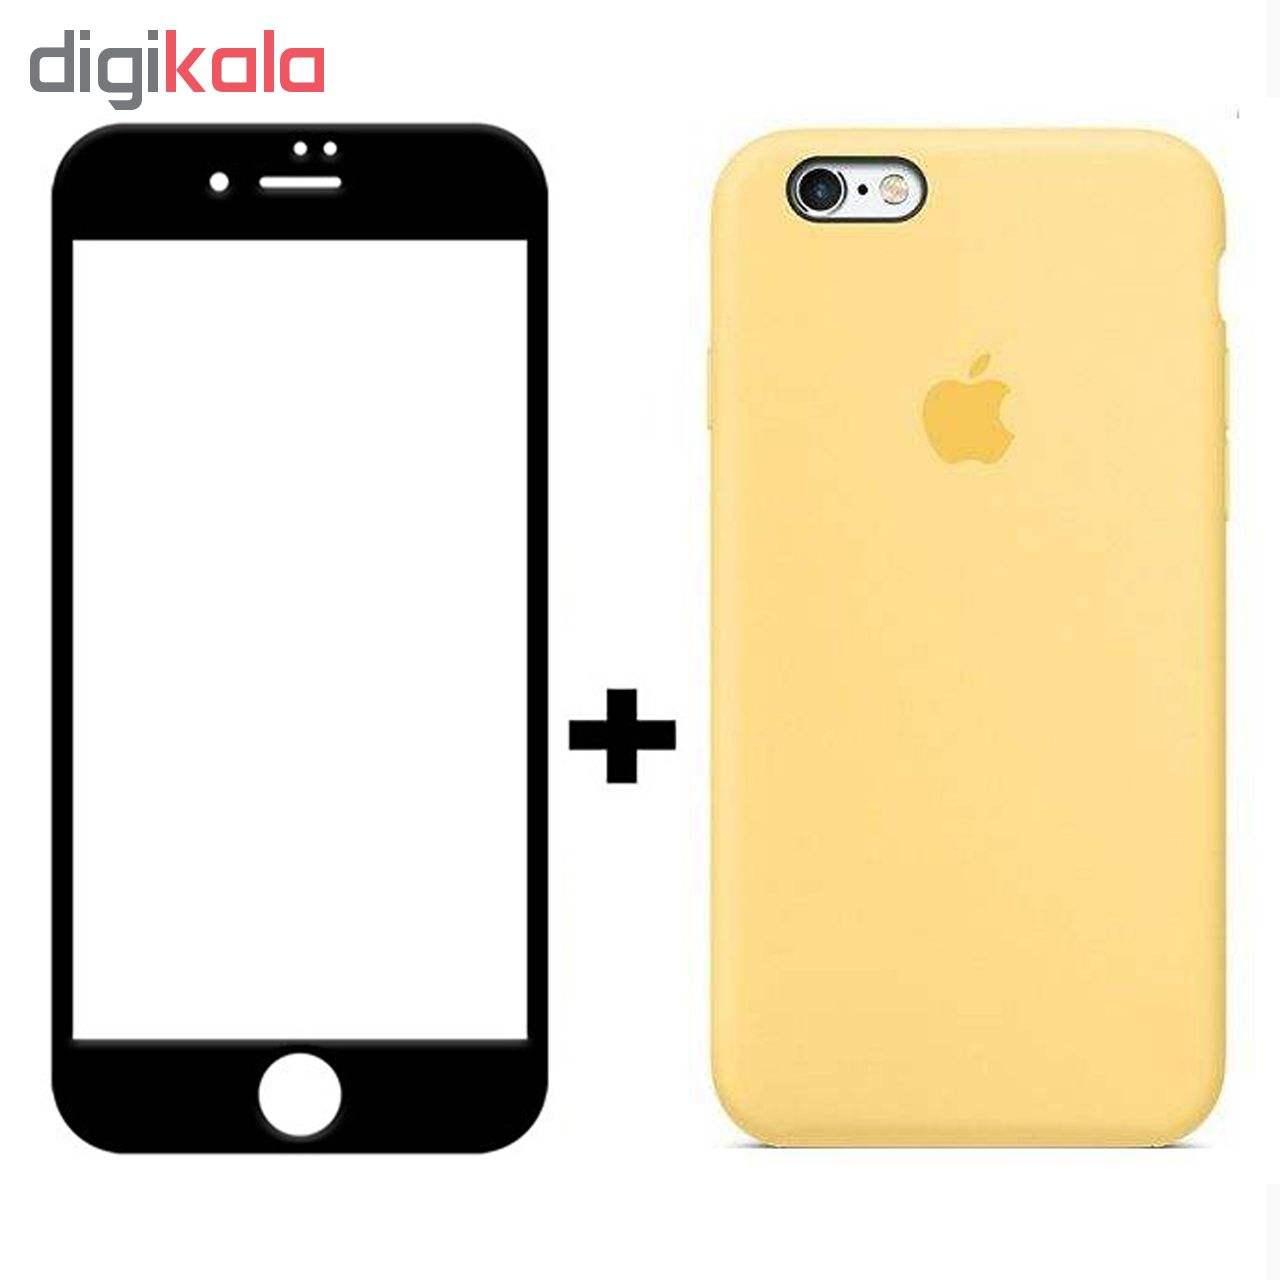 کاور سیلیکونی مدل SlC مناسب برای گوشی موبایل اپل آیفون 6/6s  به همراه محافظ صفحه نمایش 5D main 1 2